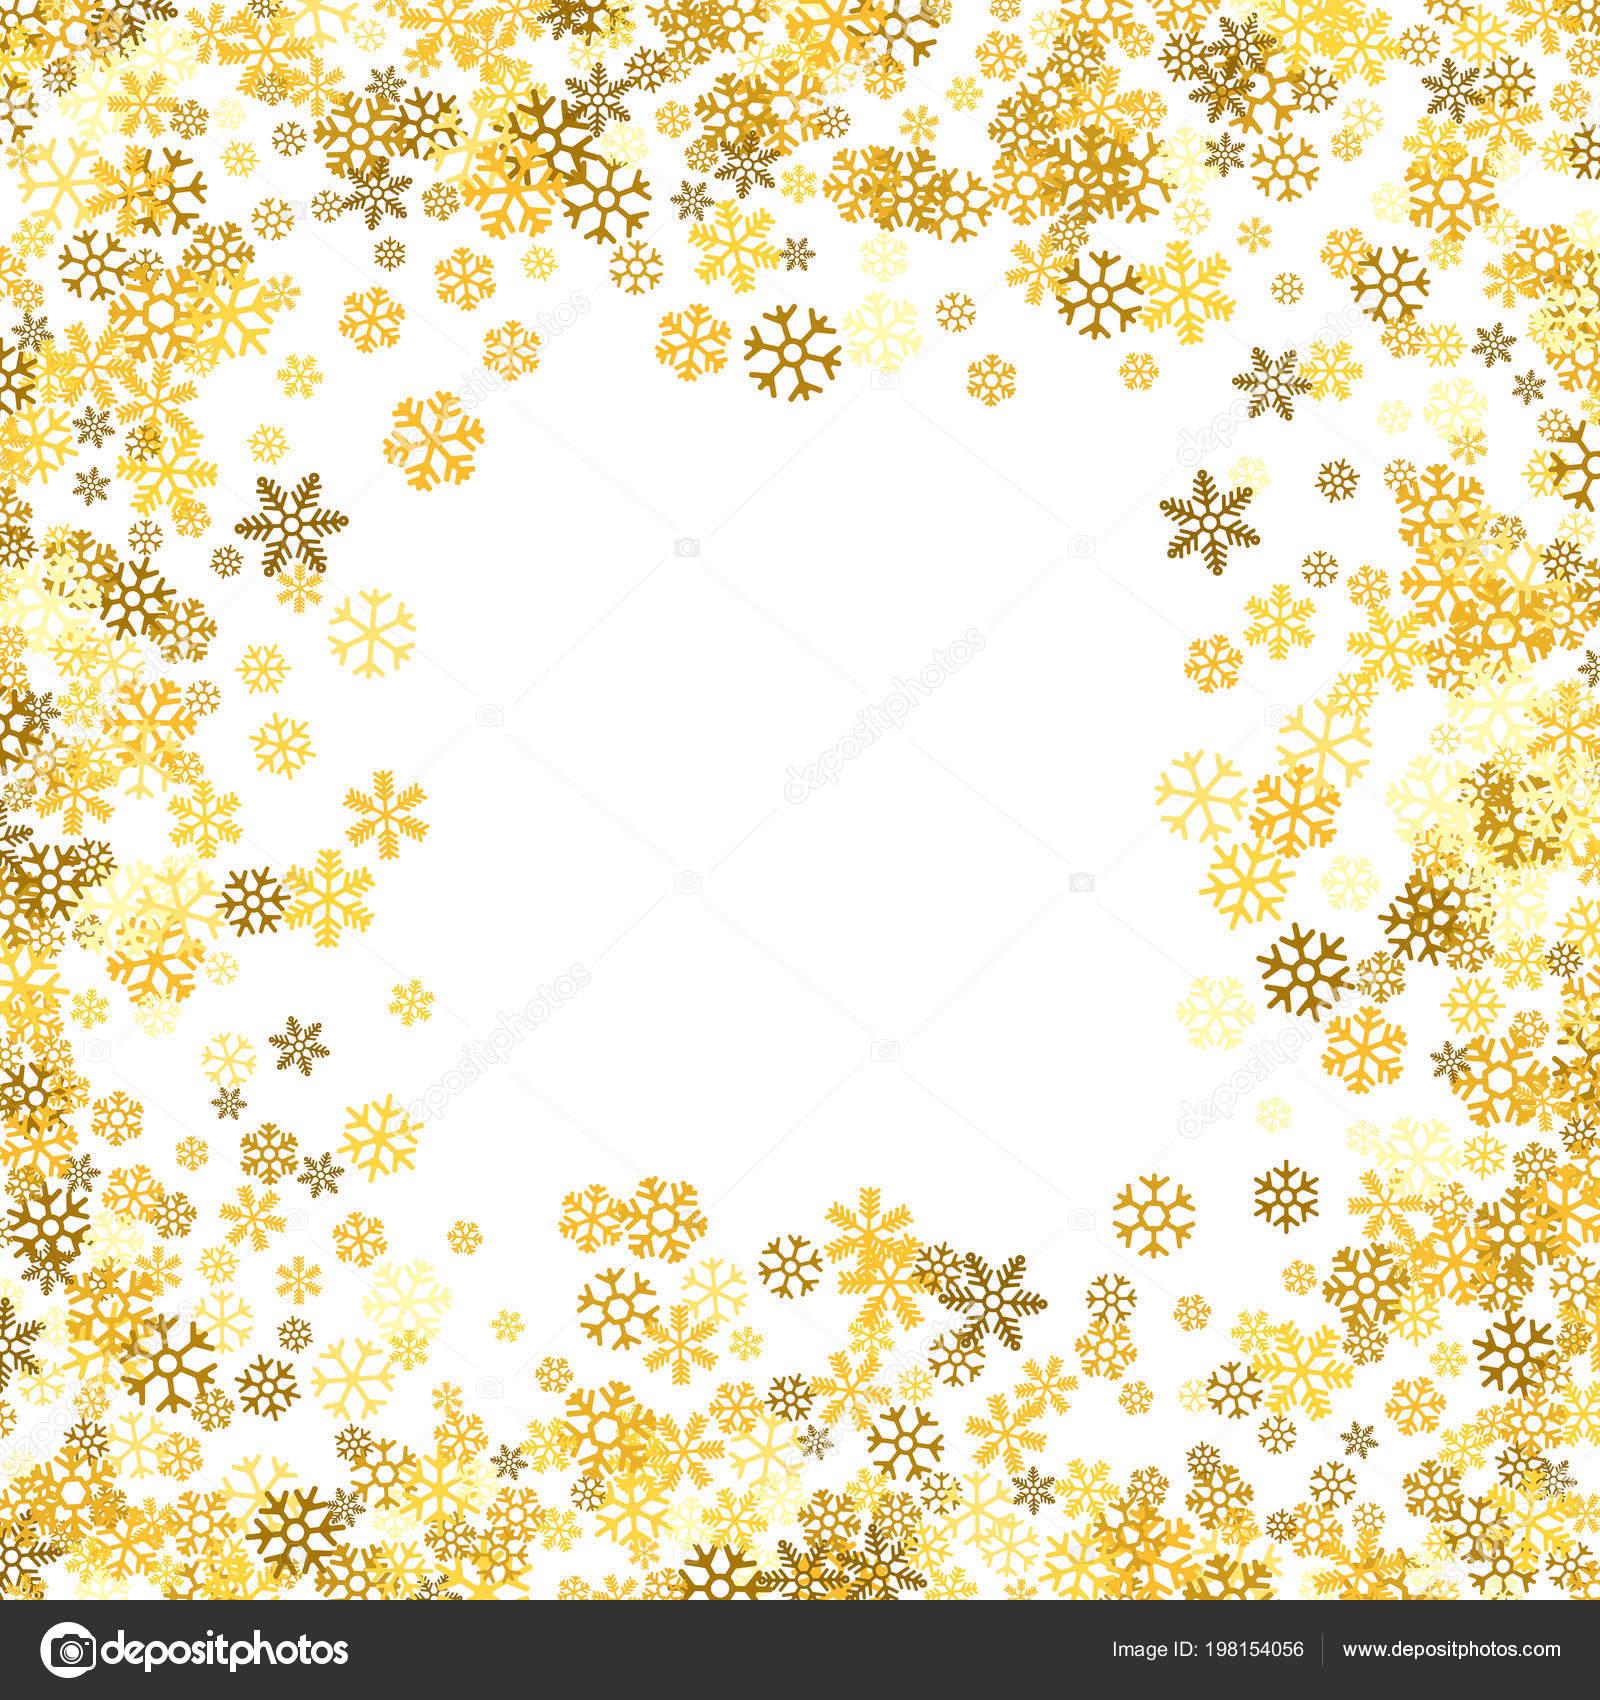 2d474656c07 Square gold frame or border of random scatter golden snowflakes on white  background. Design element for festive banner